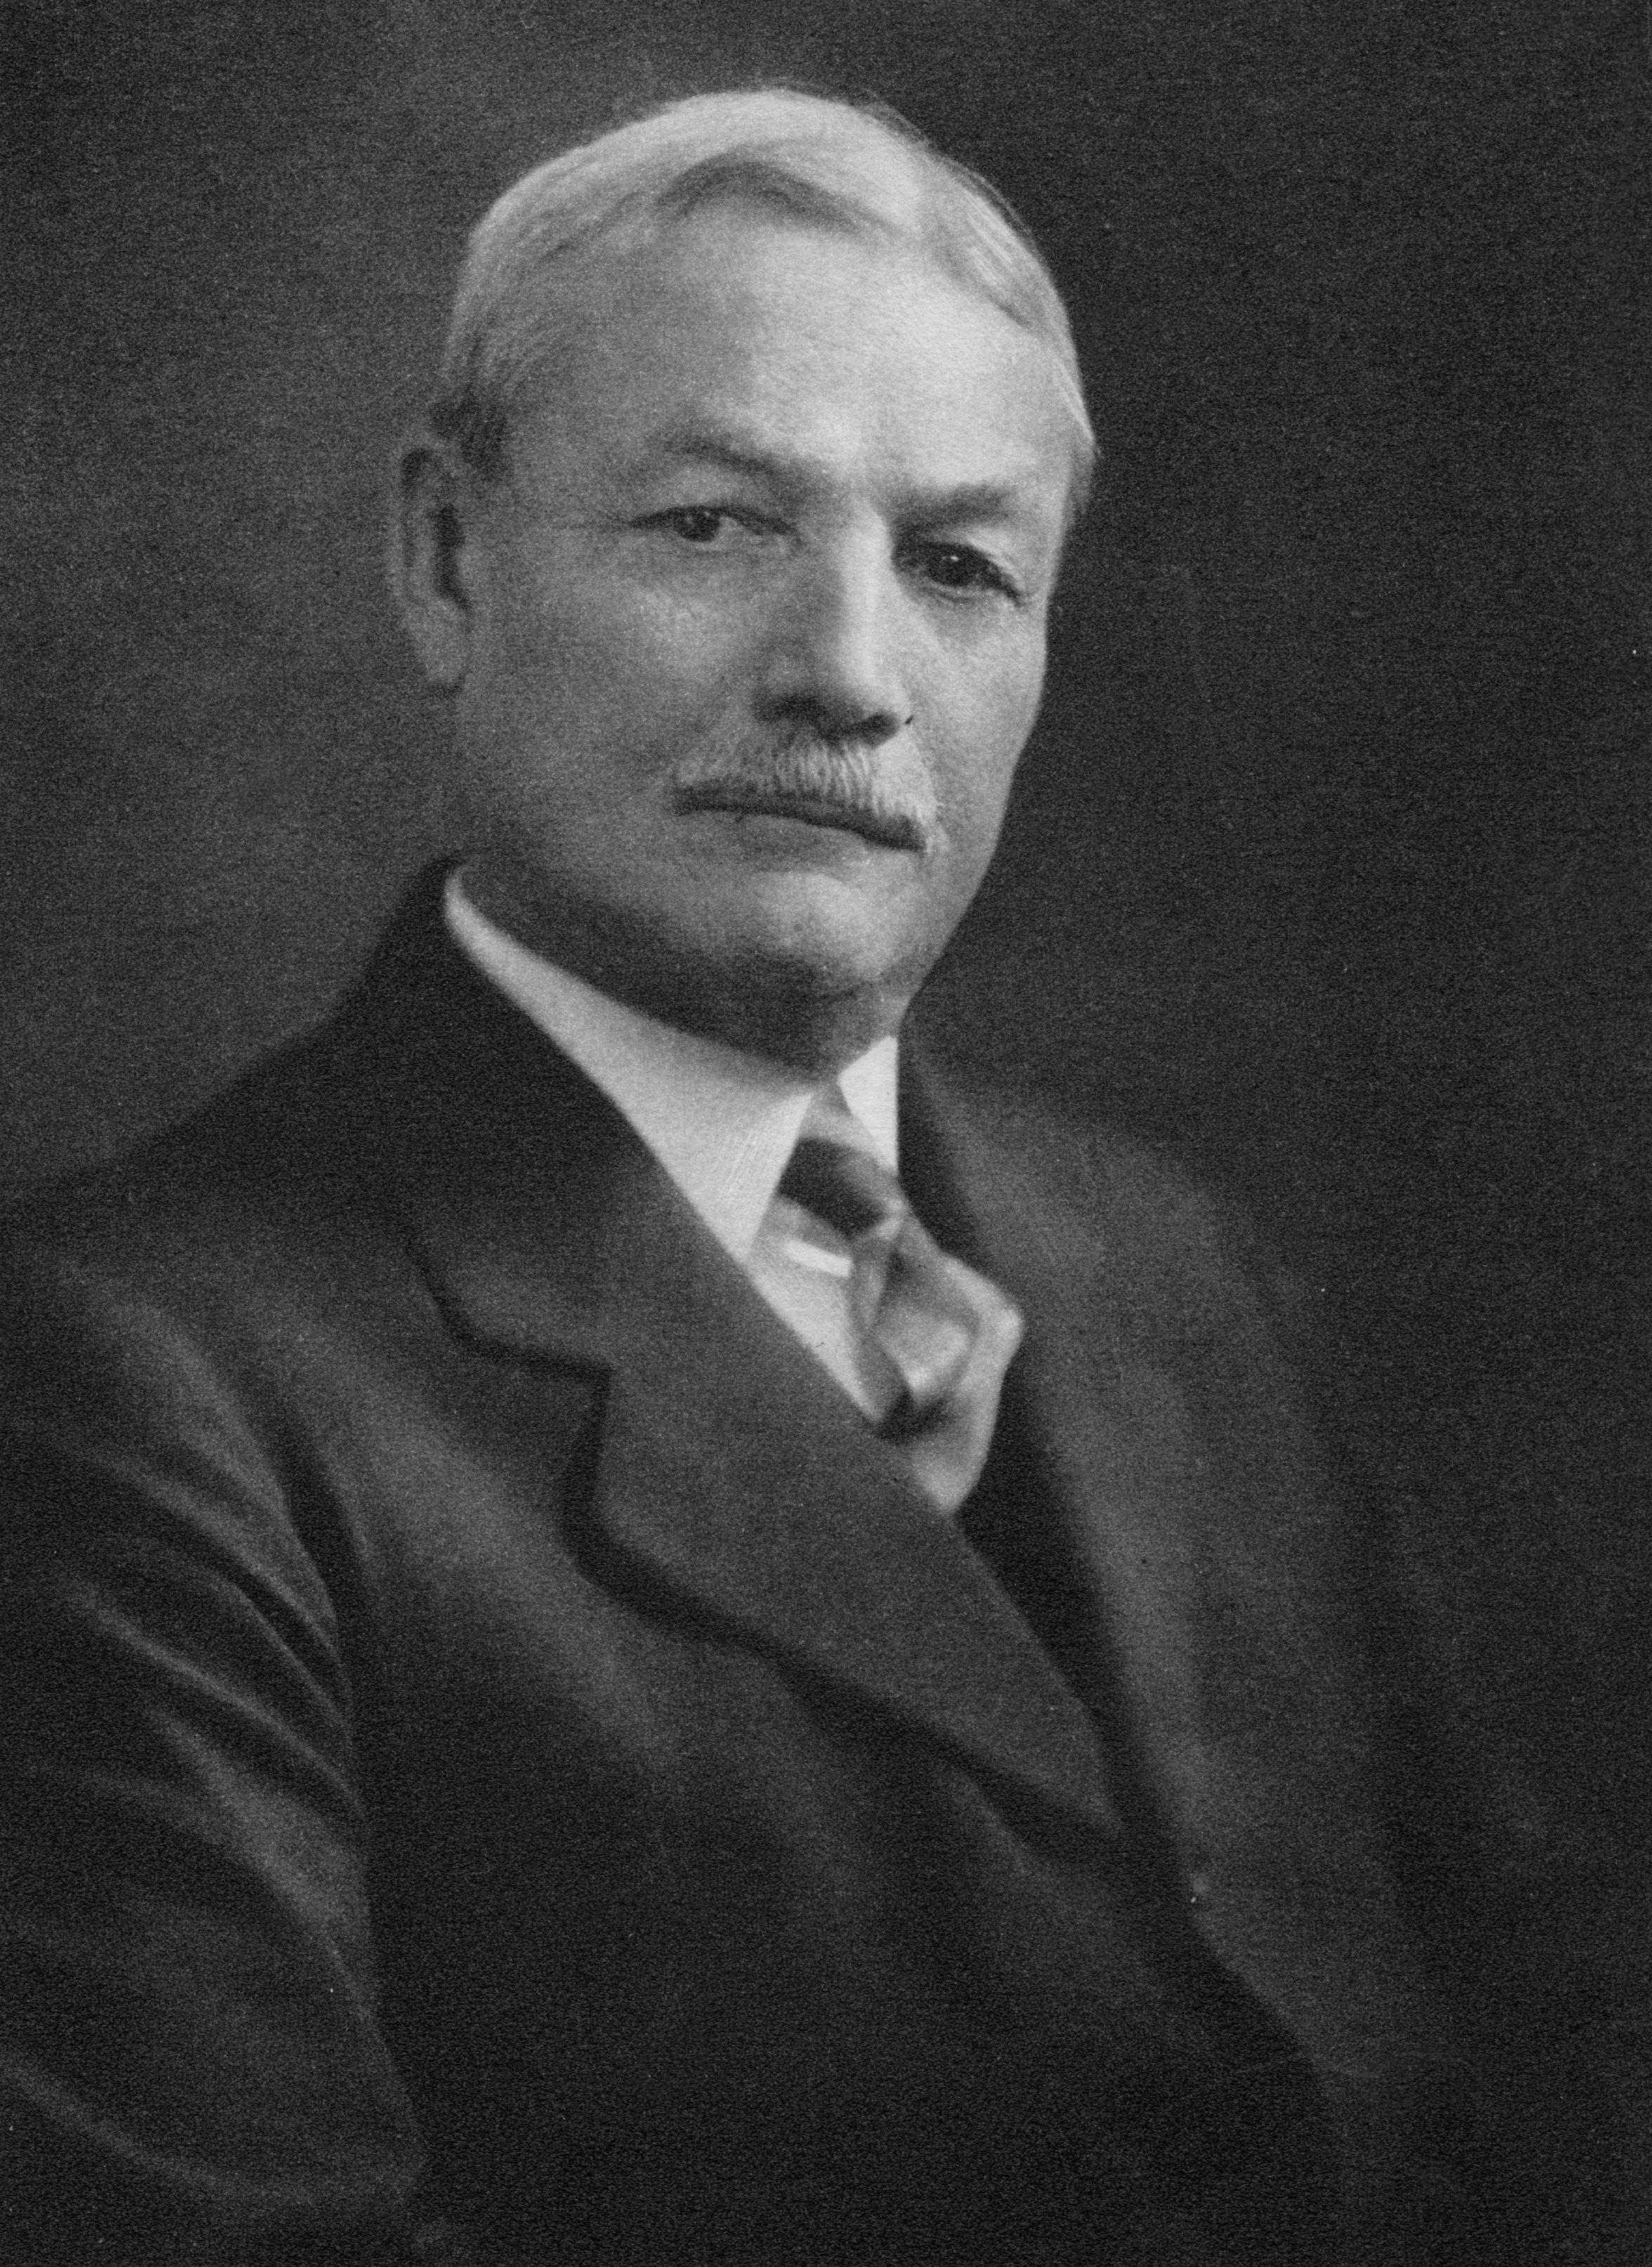 Charles McLean Andrews